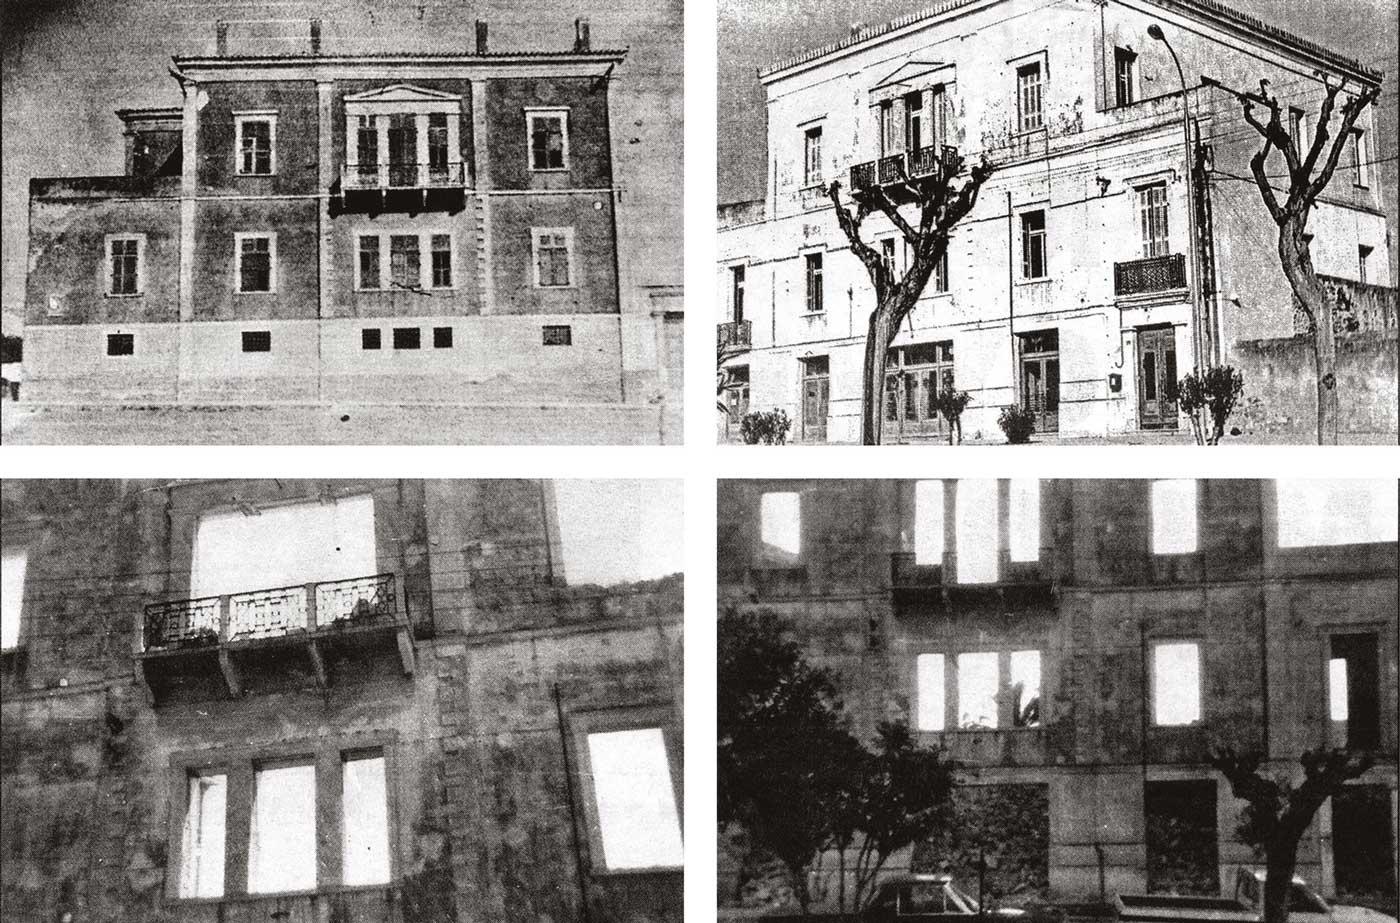 11-Φωτογραφικό-υλικό-του-Μεγάρου-Αβέρωφ-από-αφιέρωμα-της-εφημερίδας-Παν-Βήμα